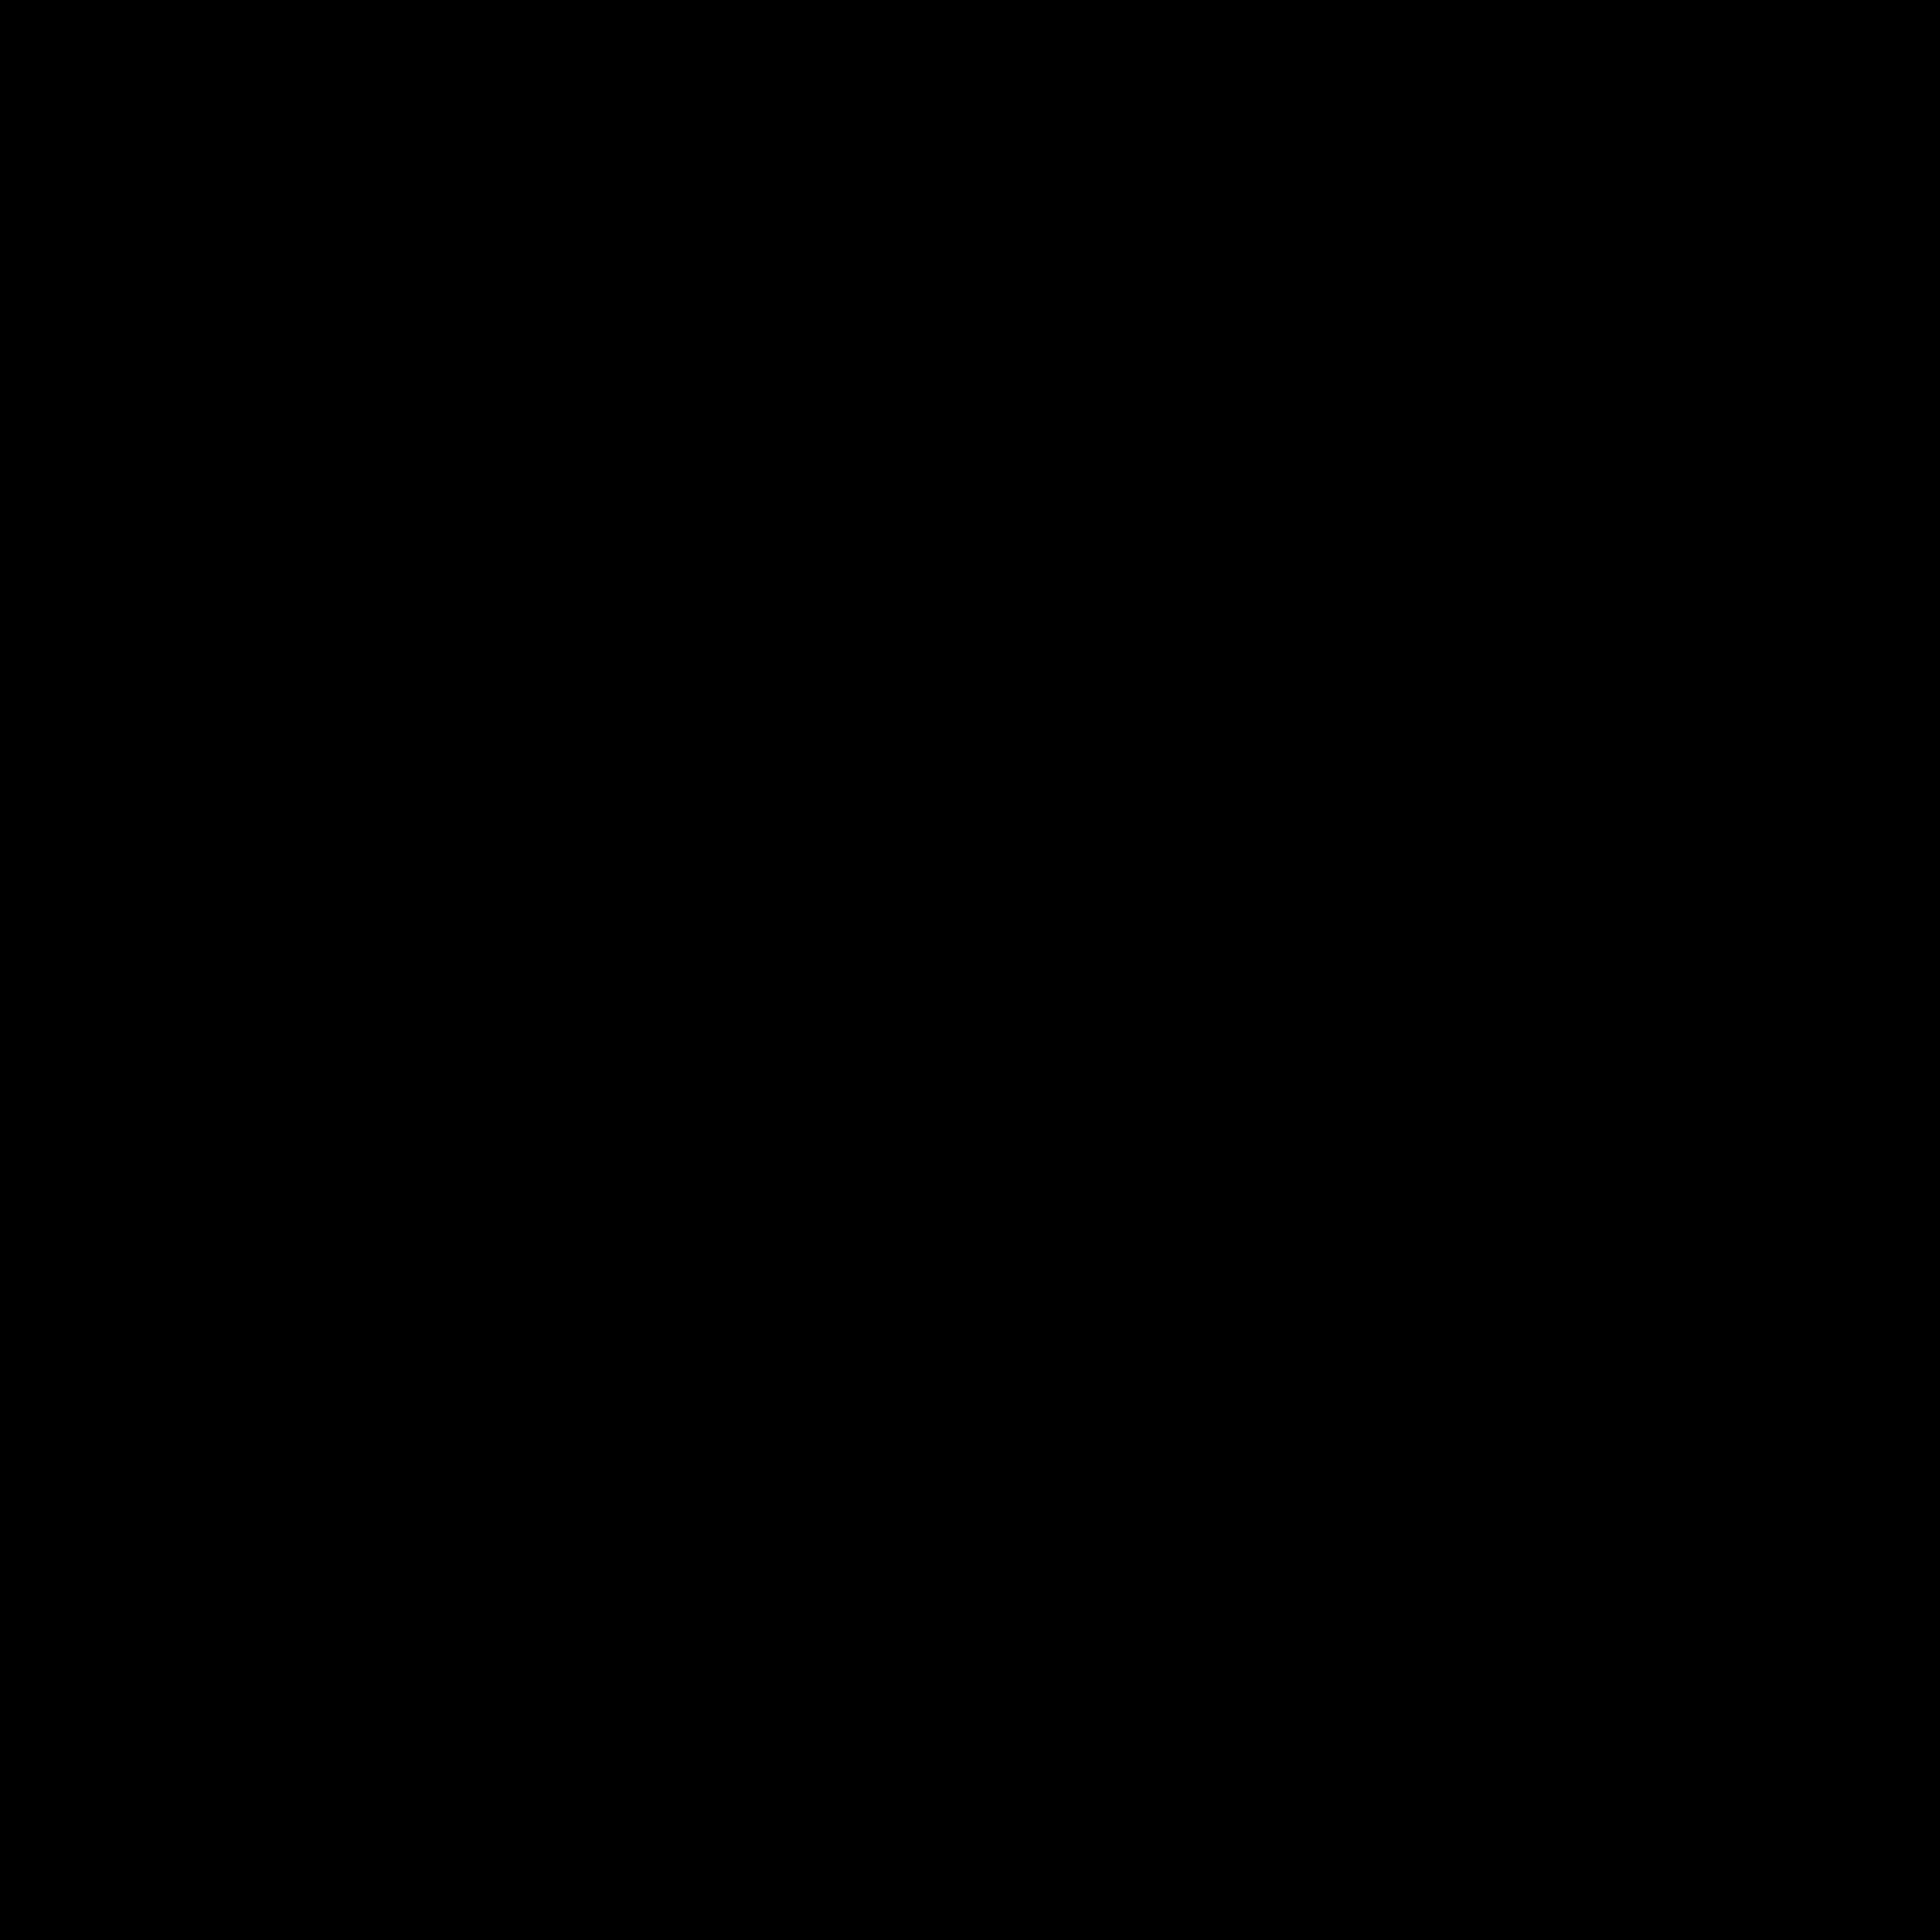 Clock No Hands PNG Clipart SVG Clip arts